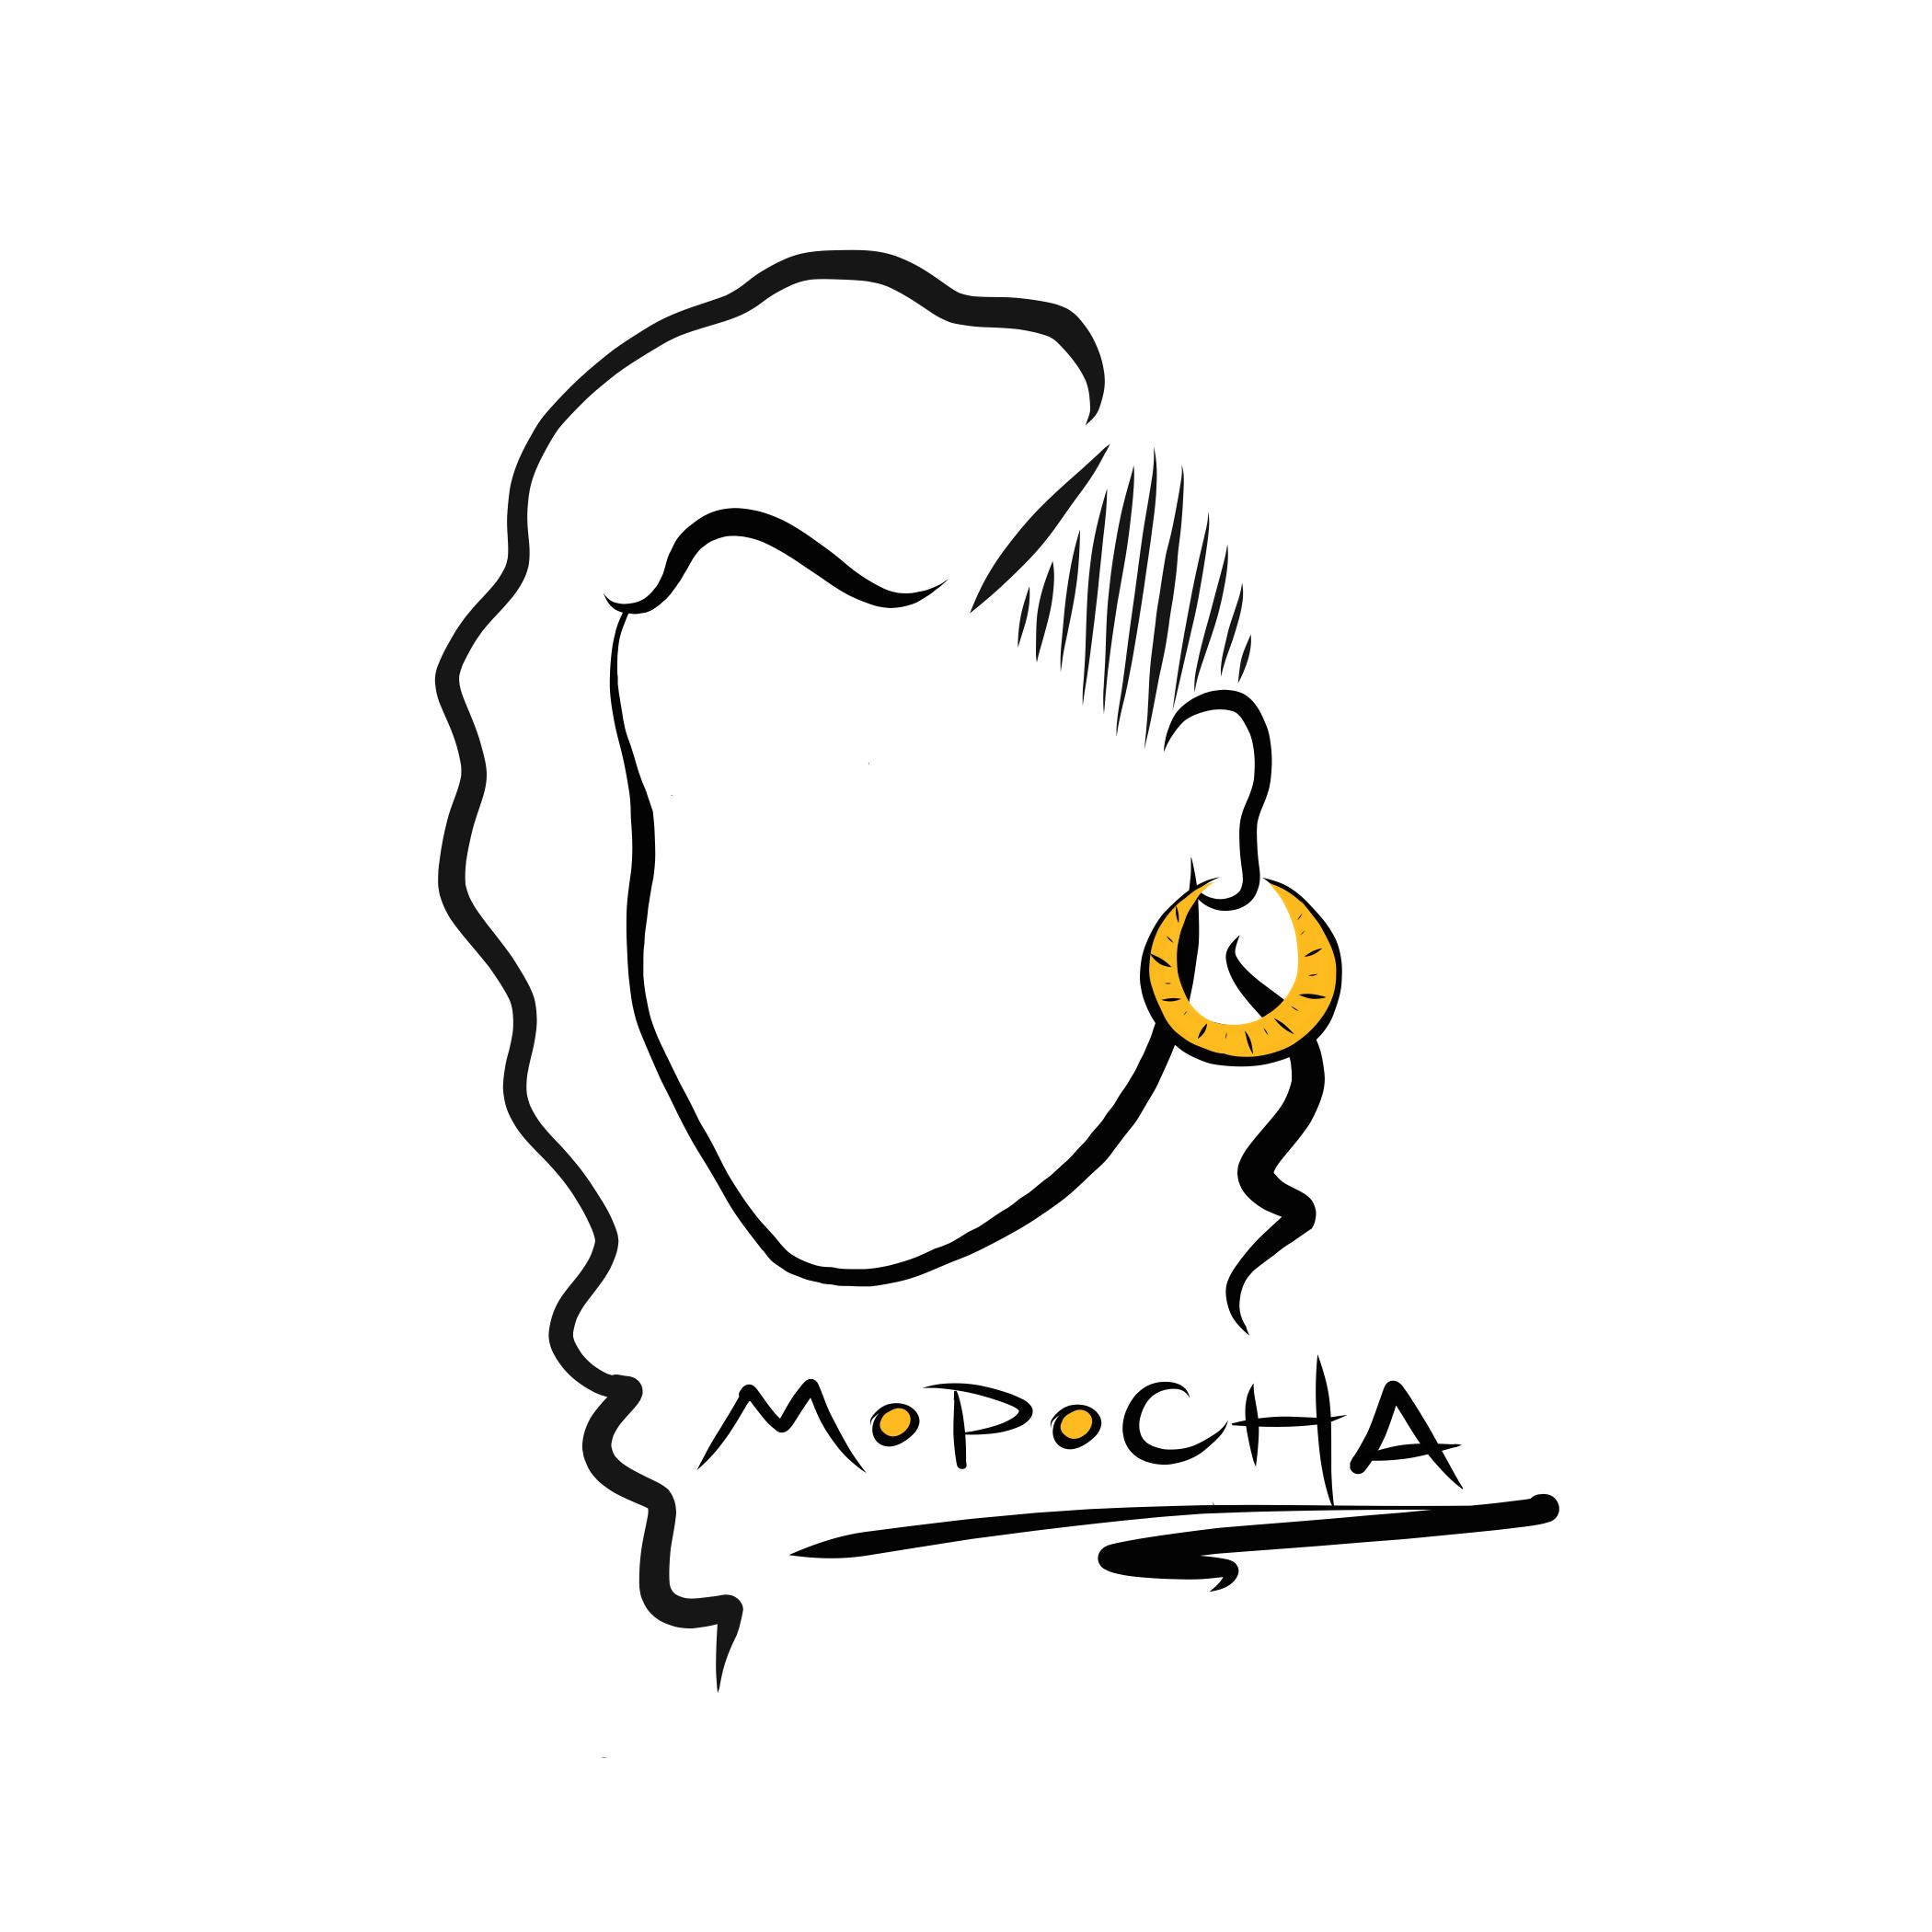 mopocha